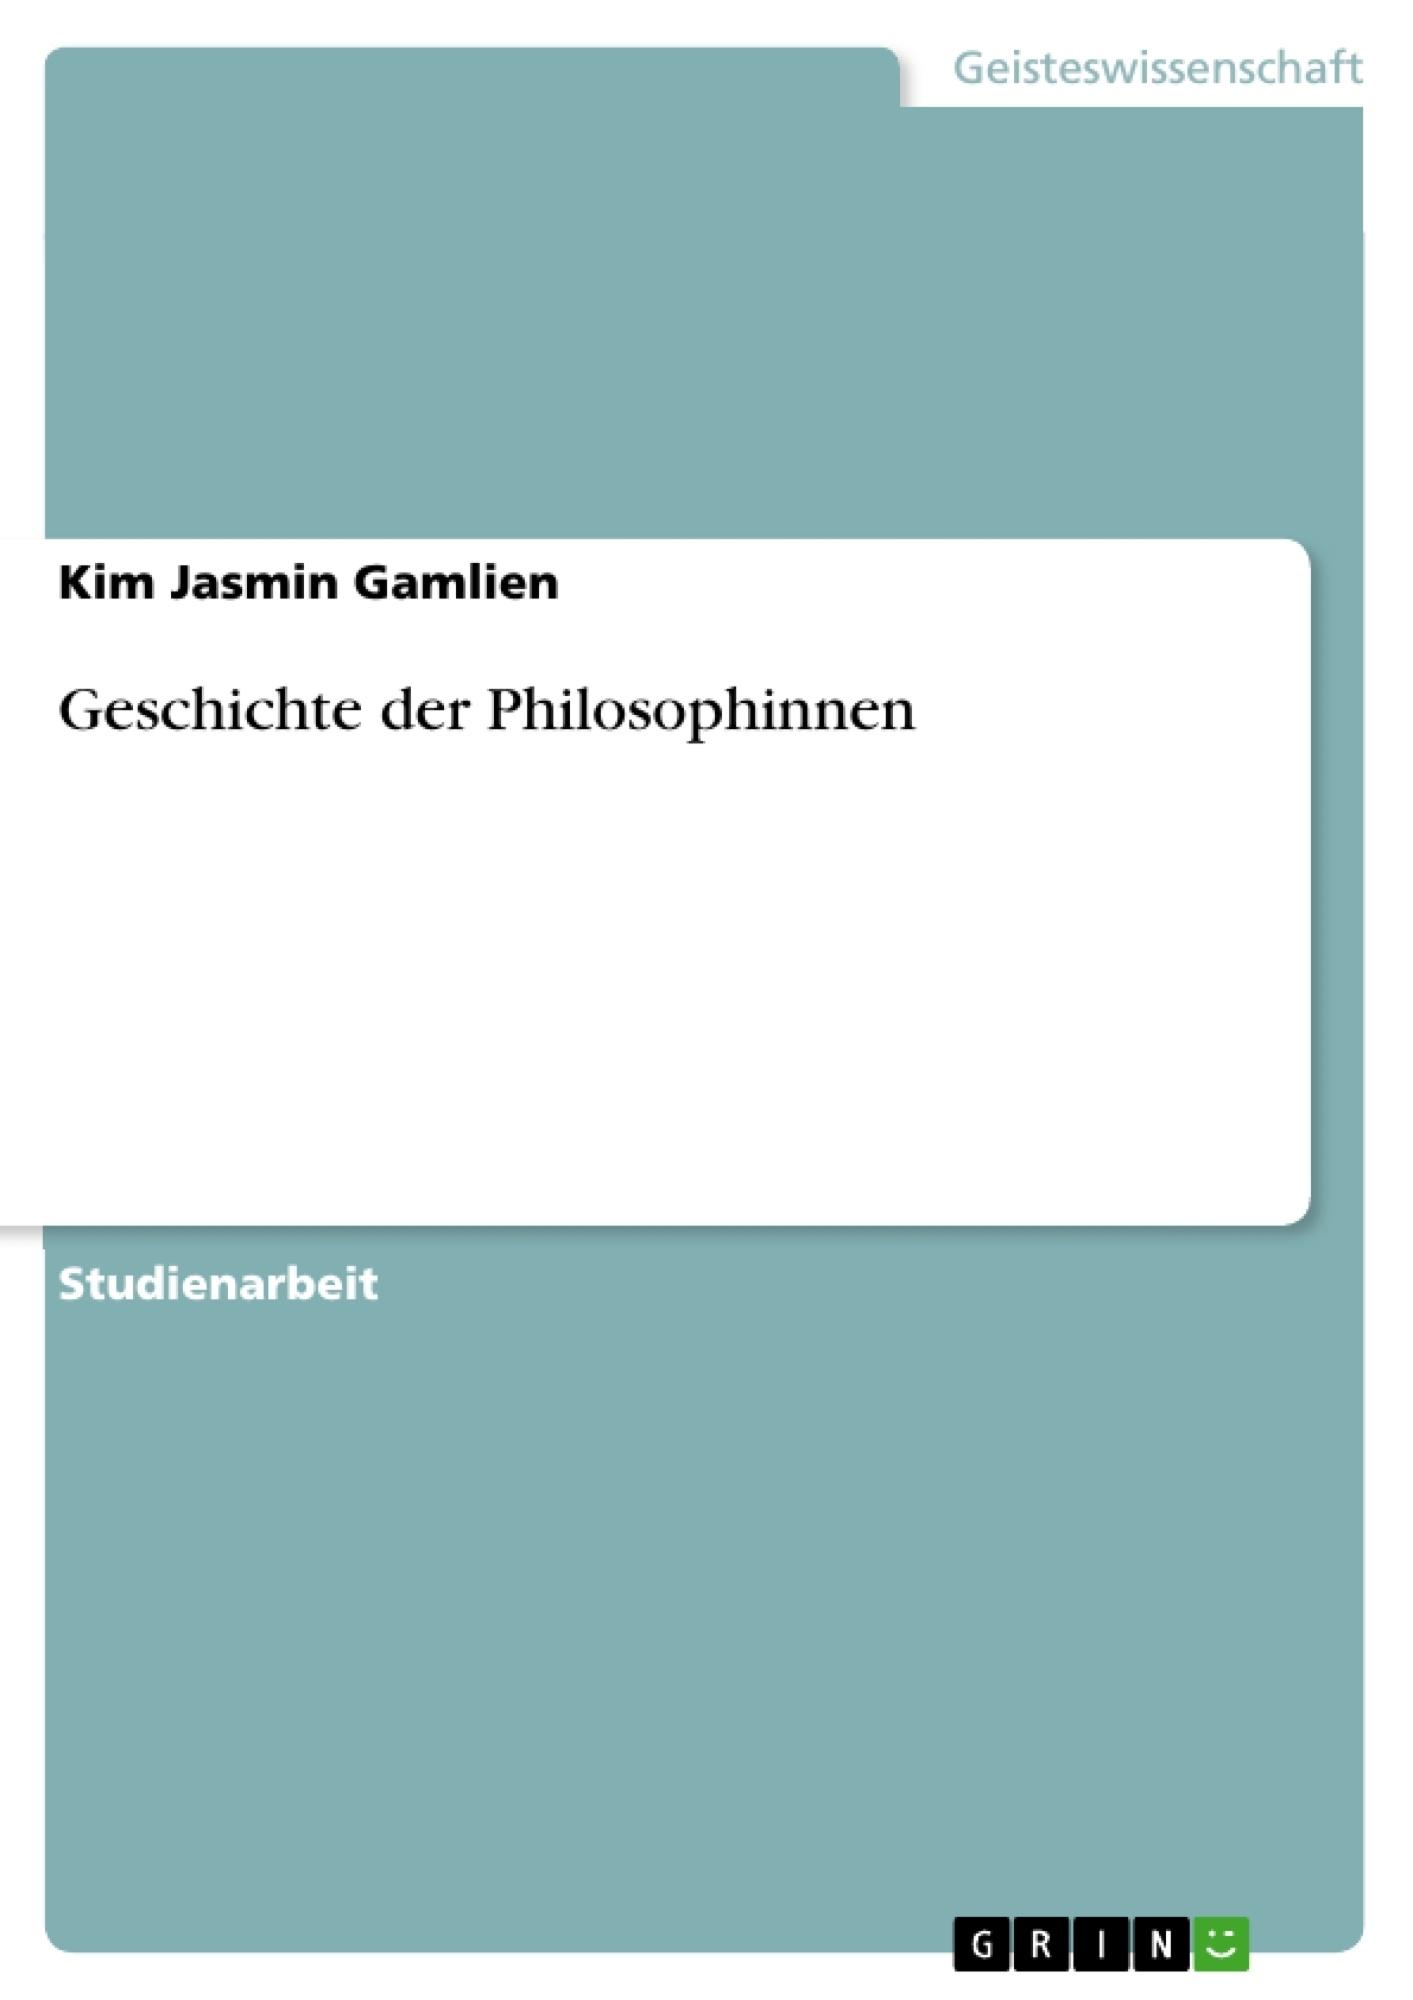 Titel: Geschichte der Philosophinnen